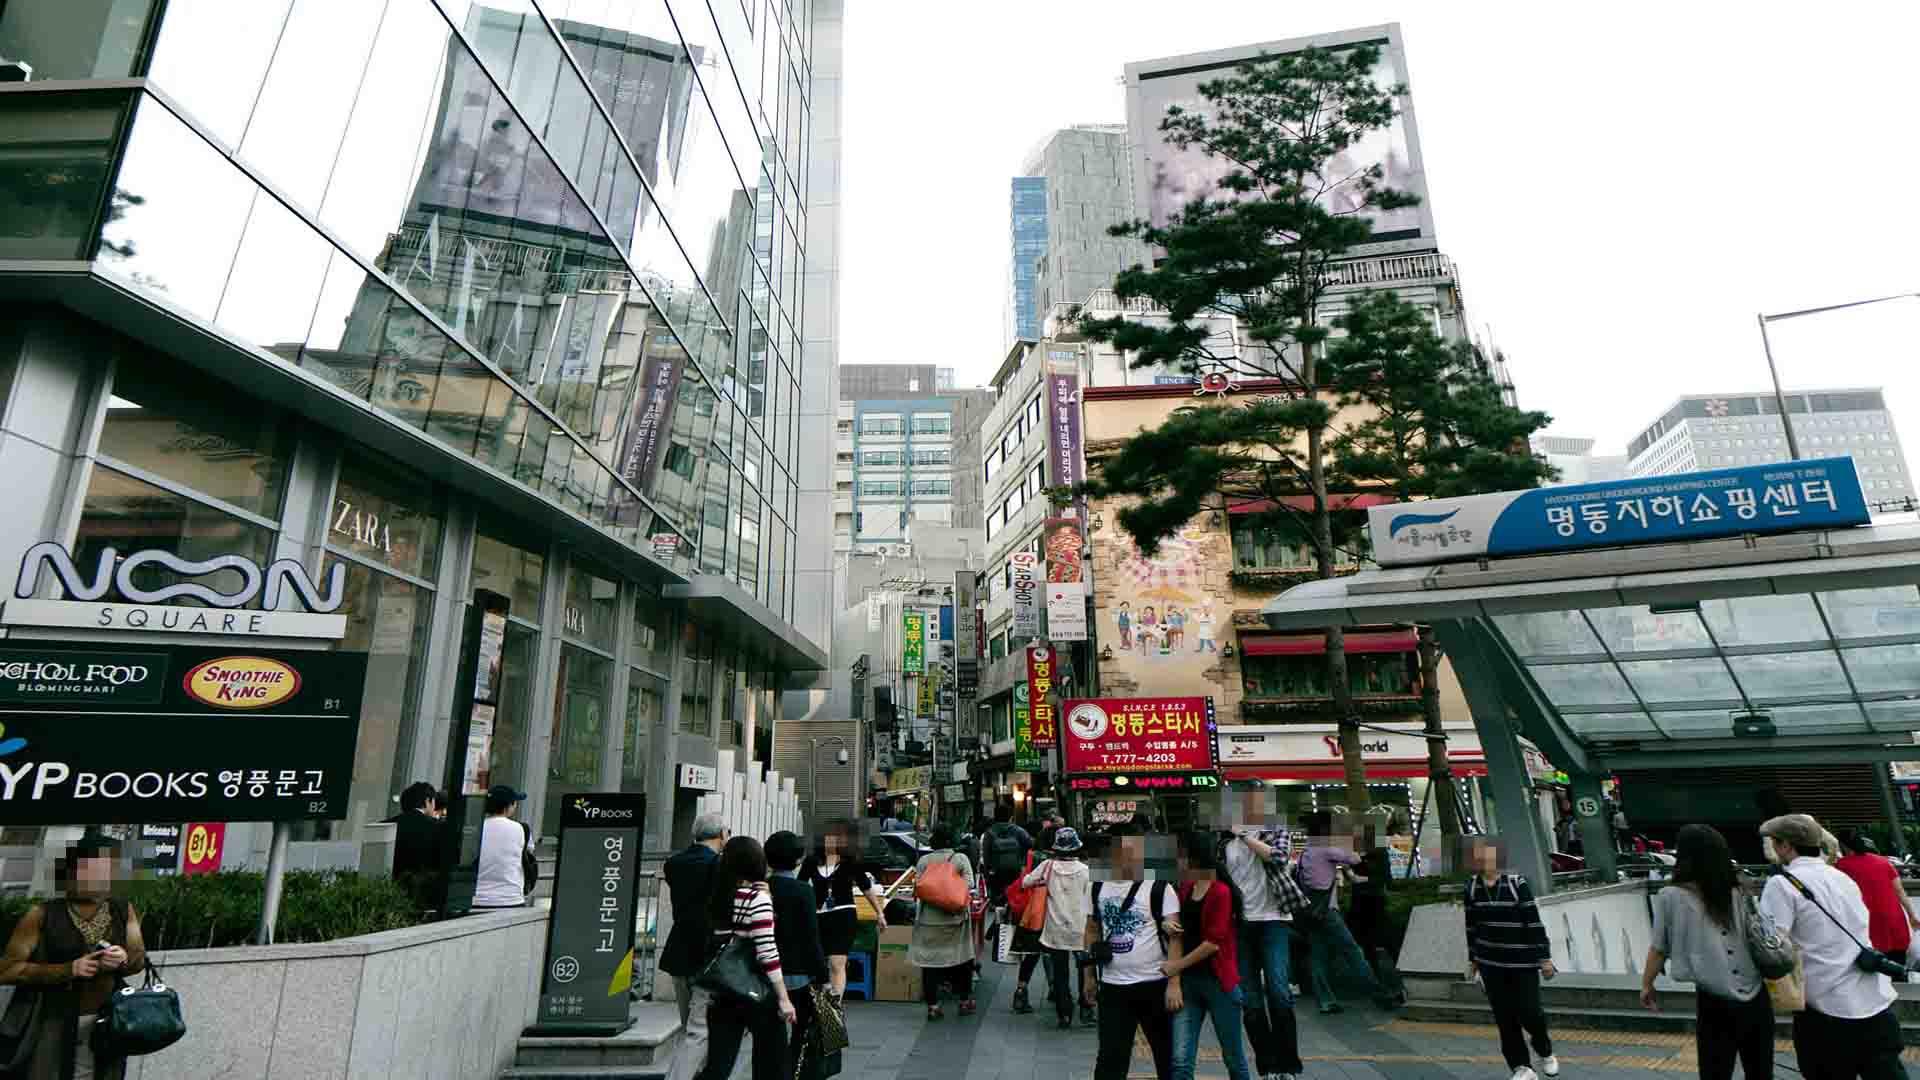 【軍資金など】韓国のカジノ らくらく攻略ガイド